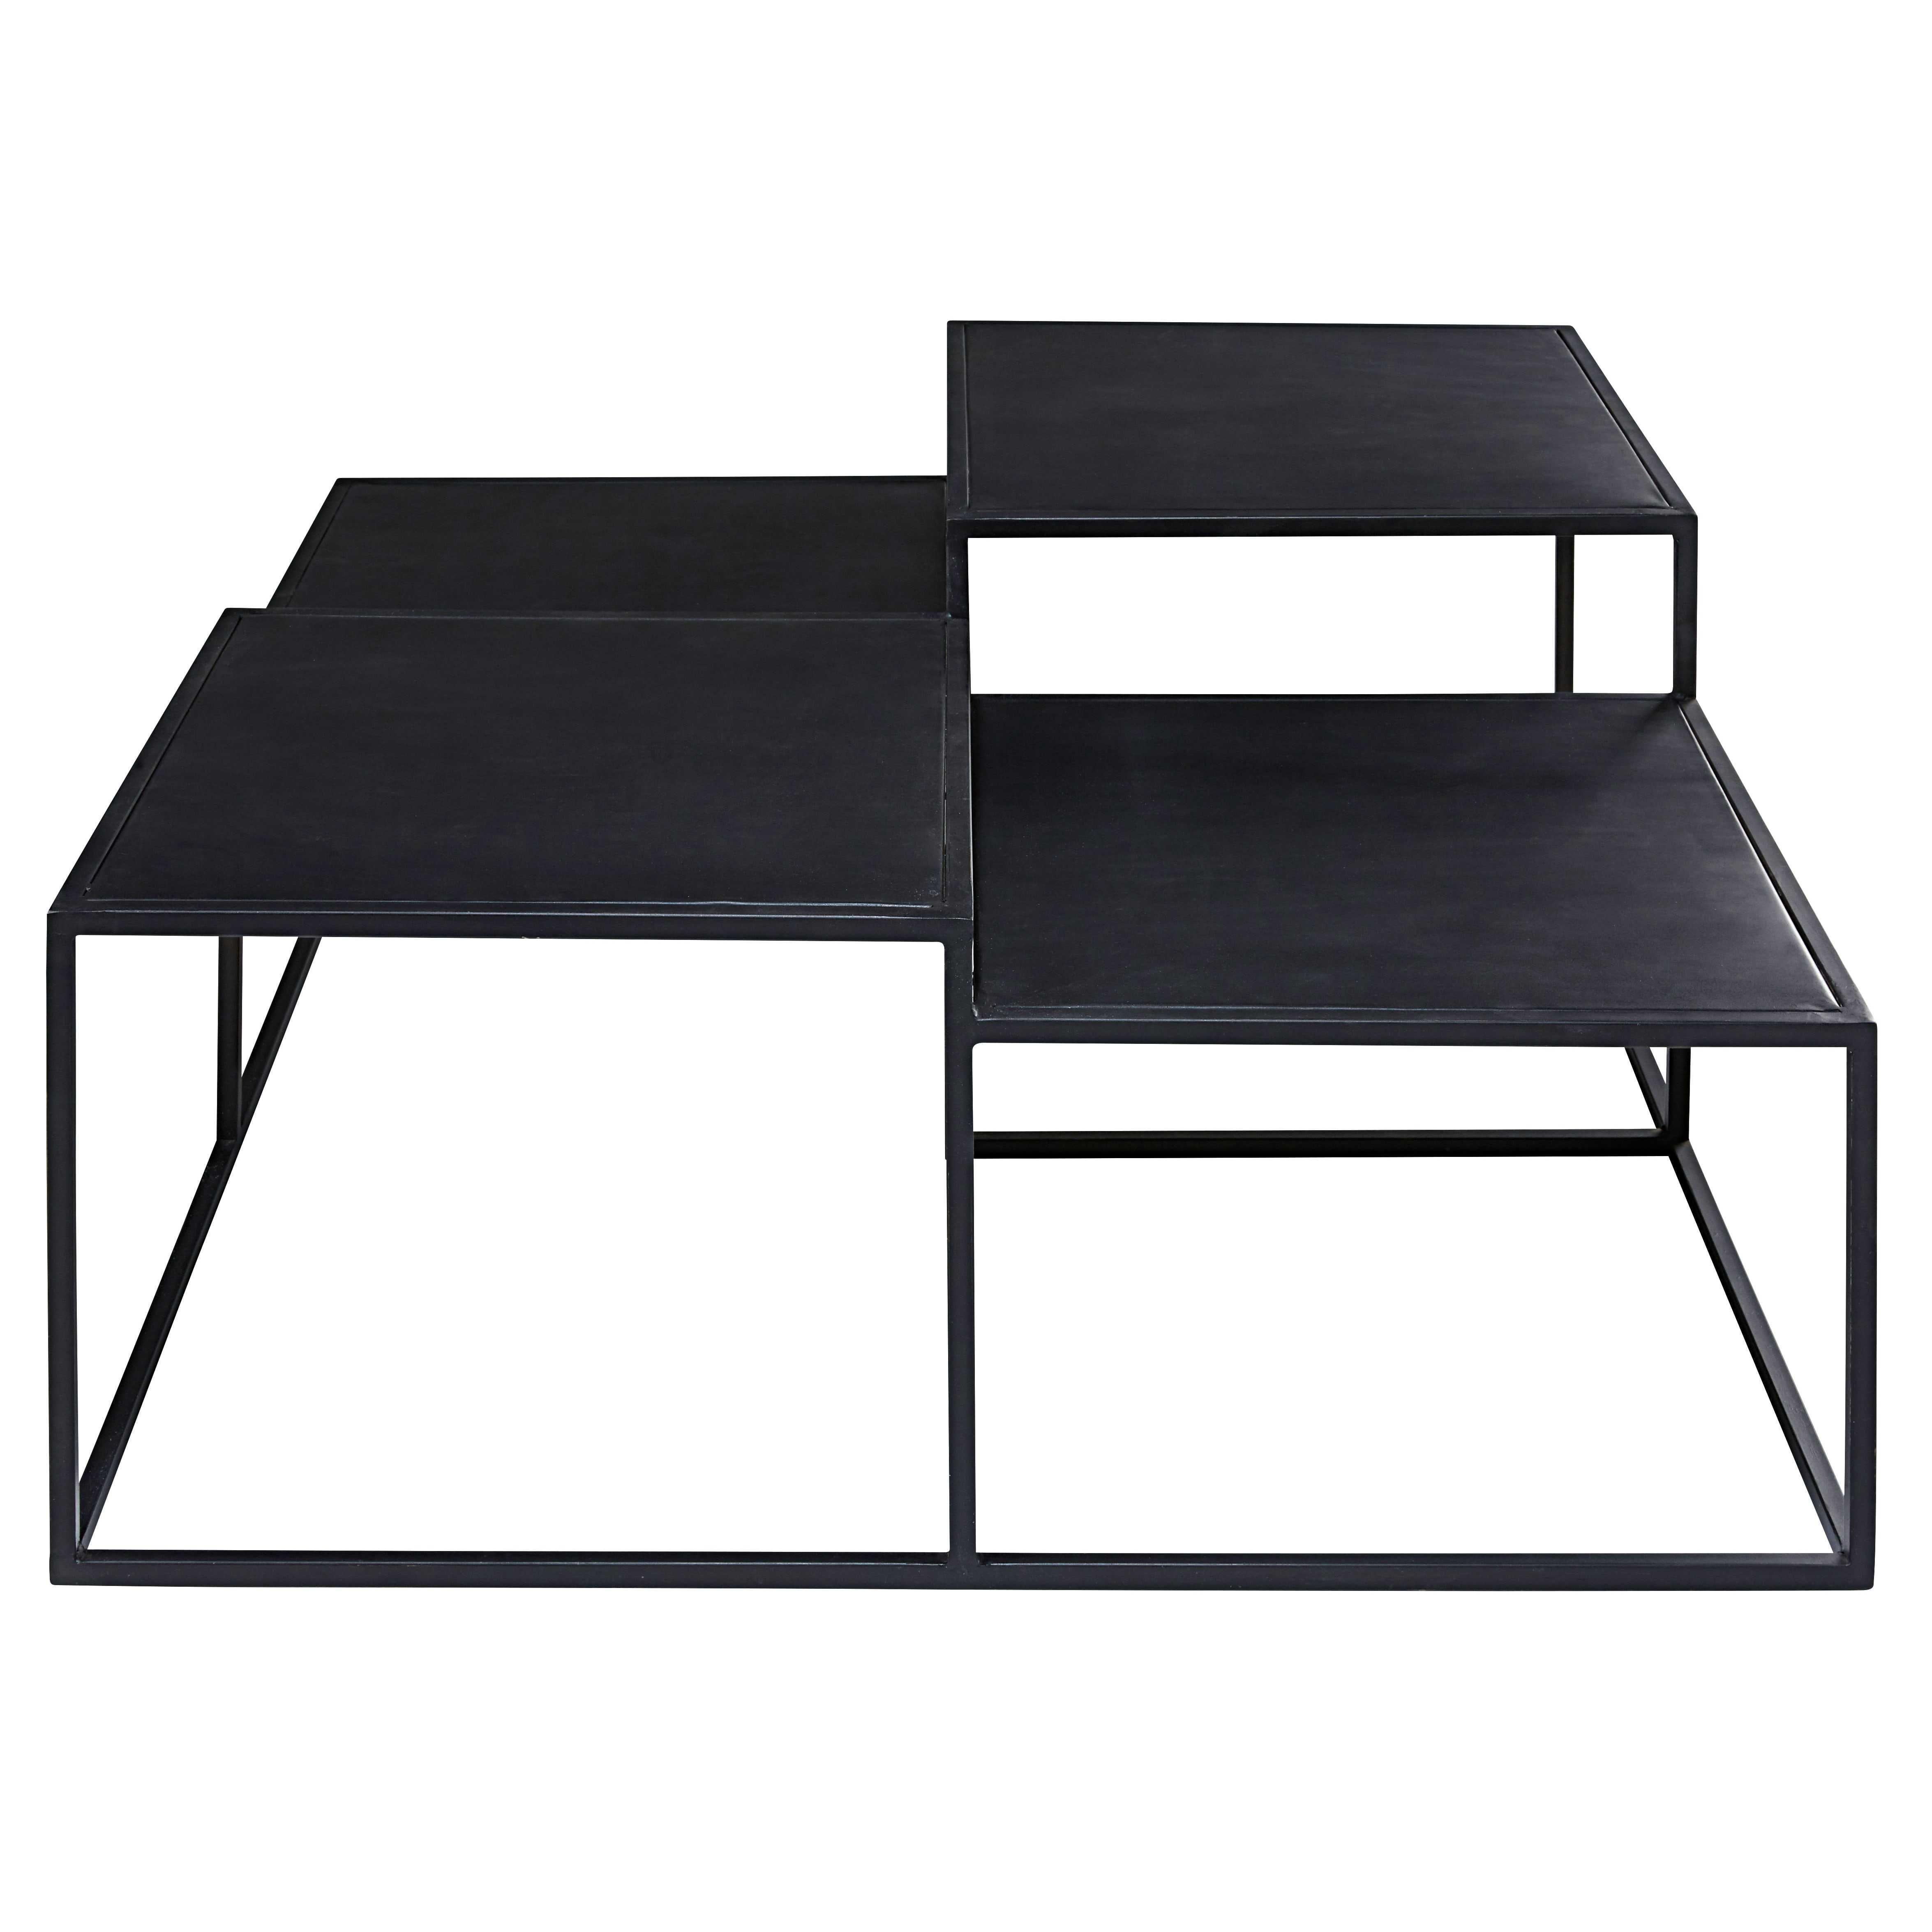 c218b36b8a30638f338b847c71a7e4a8 Luxe De Table Basse Convertible Ikea Des Idées